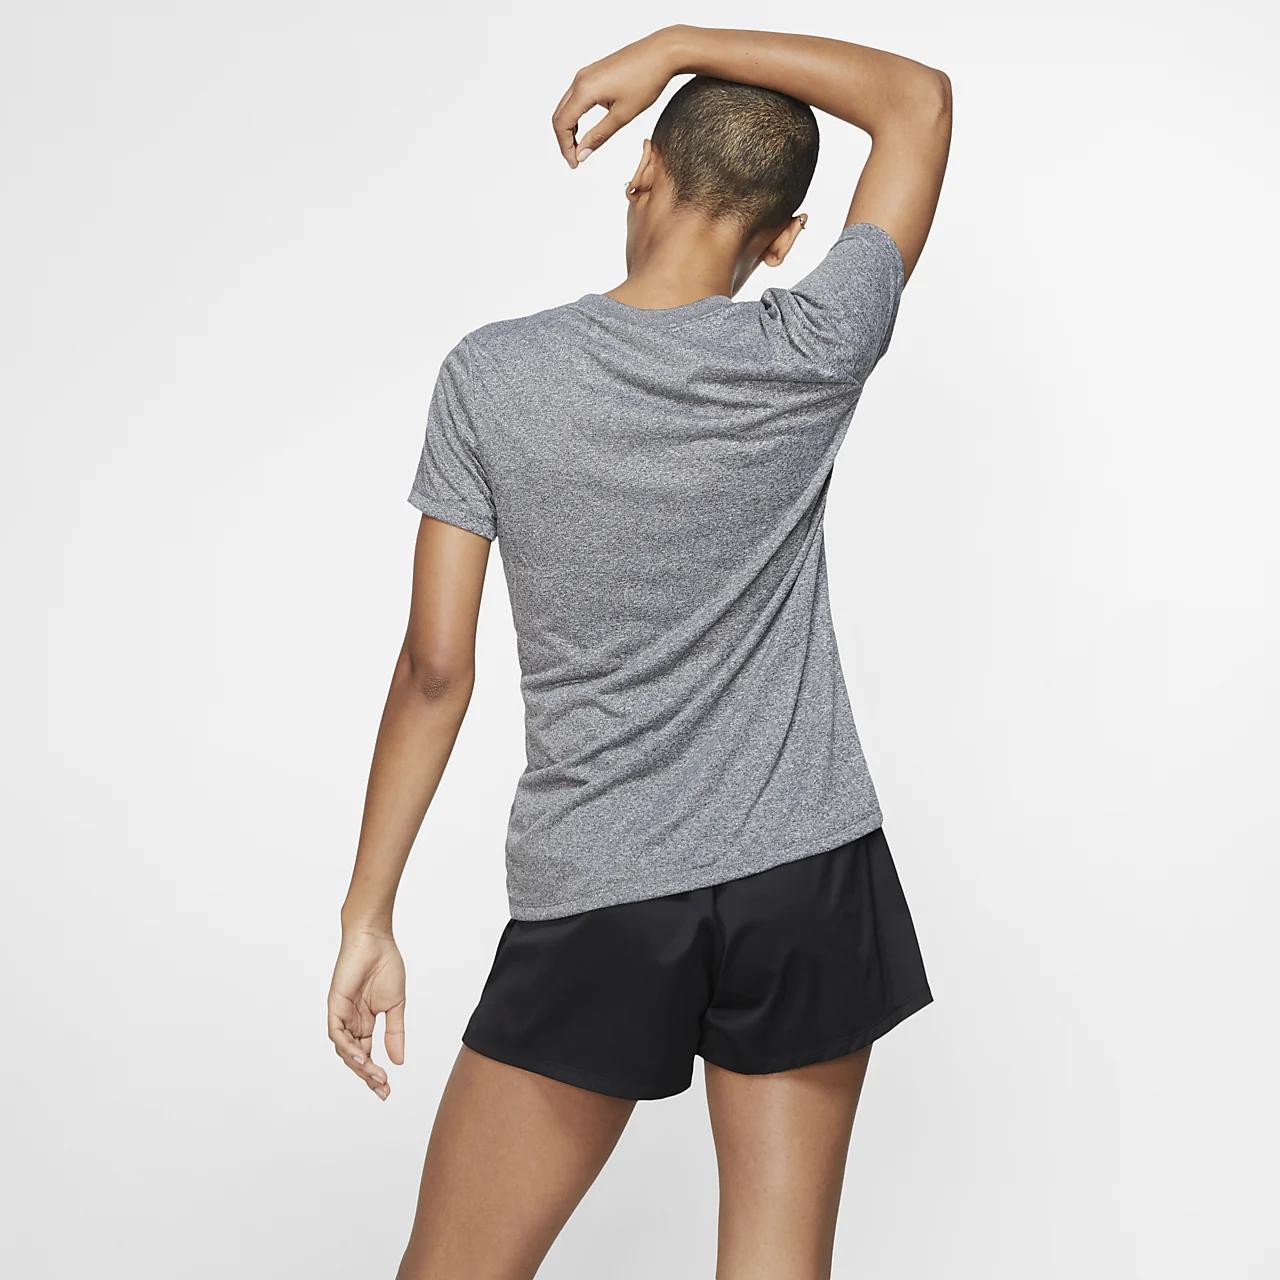 나이키 드라이핏 레전드 여성 트레이닝 티셔츠 AQ3210-011